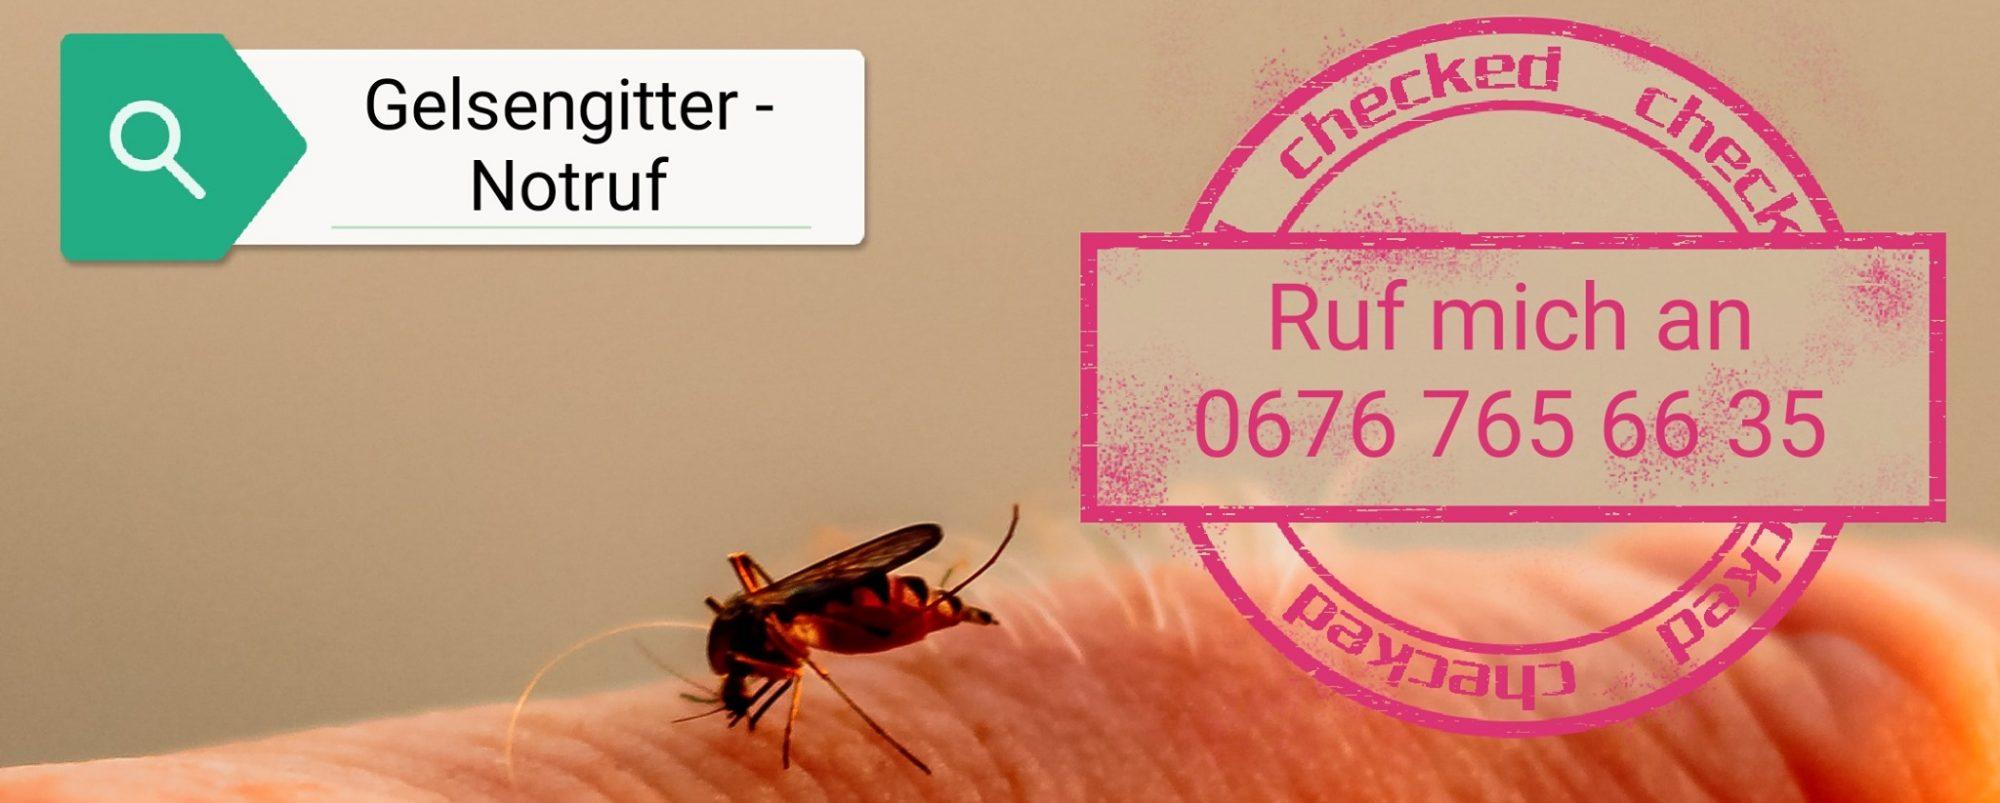 GELSENGITTER-Notruf  0676 / 765 66 35